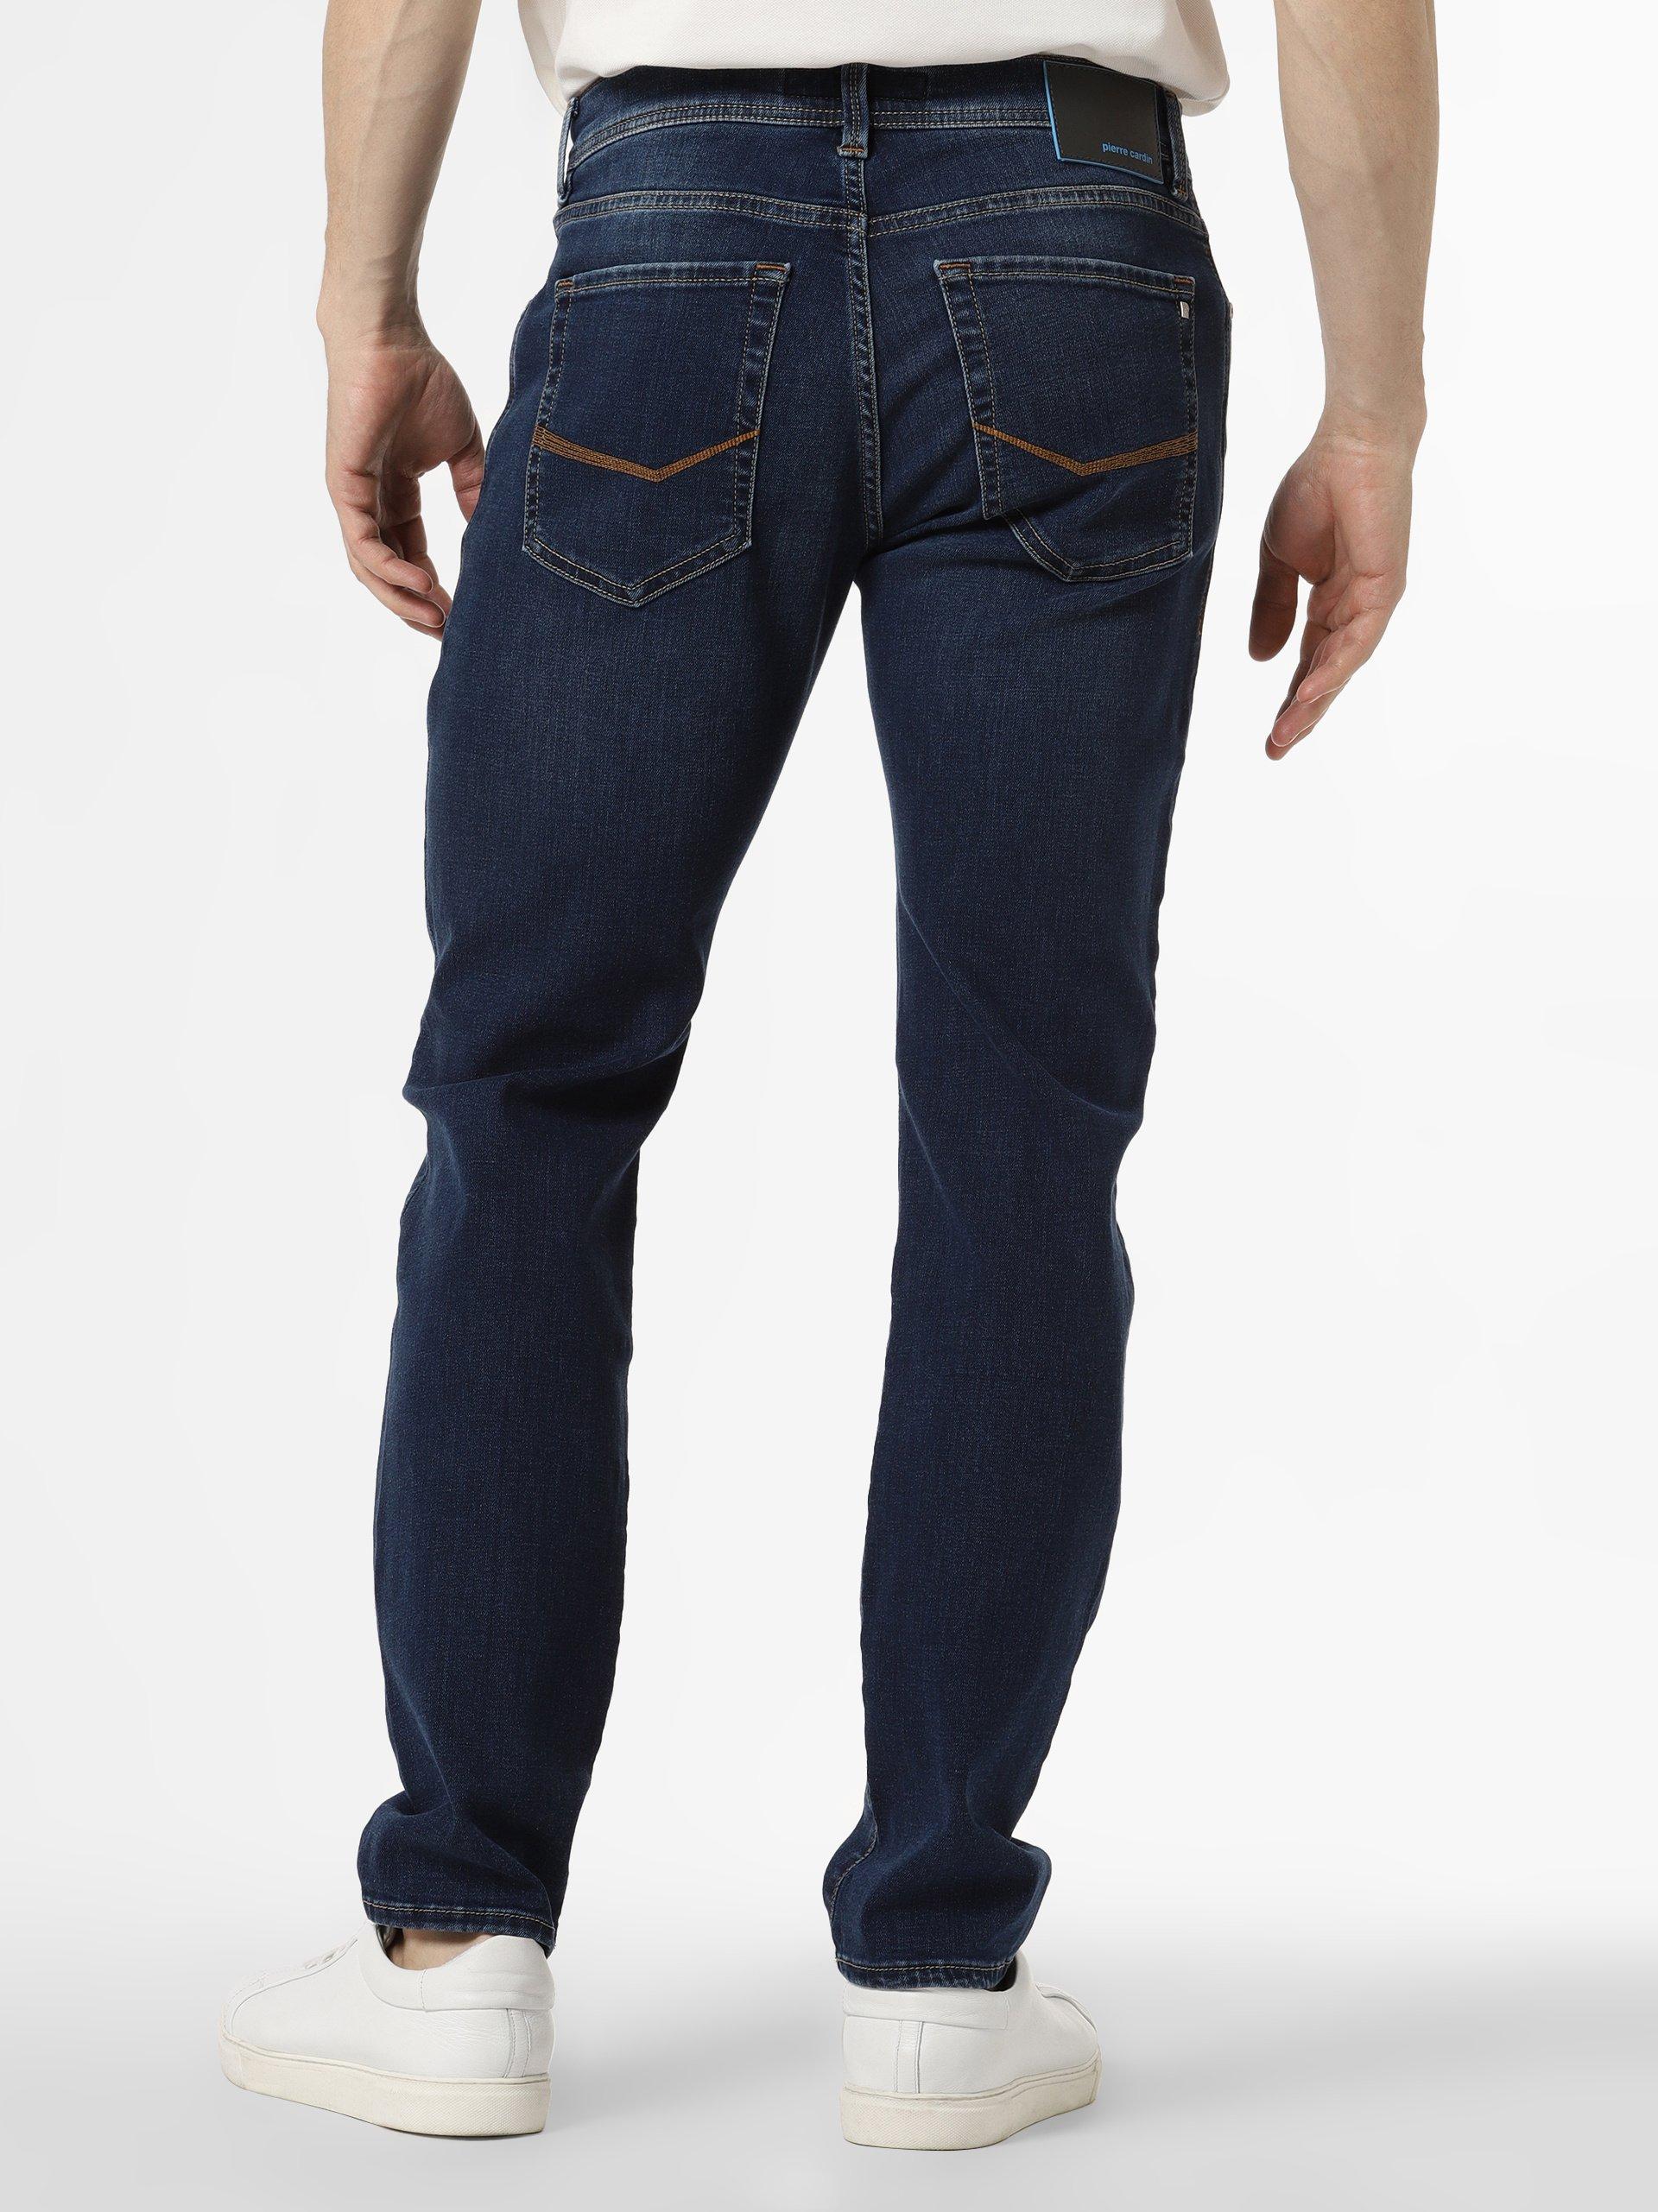 Pierre Cardin Herren Jeans - Lyon